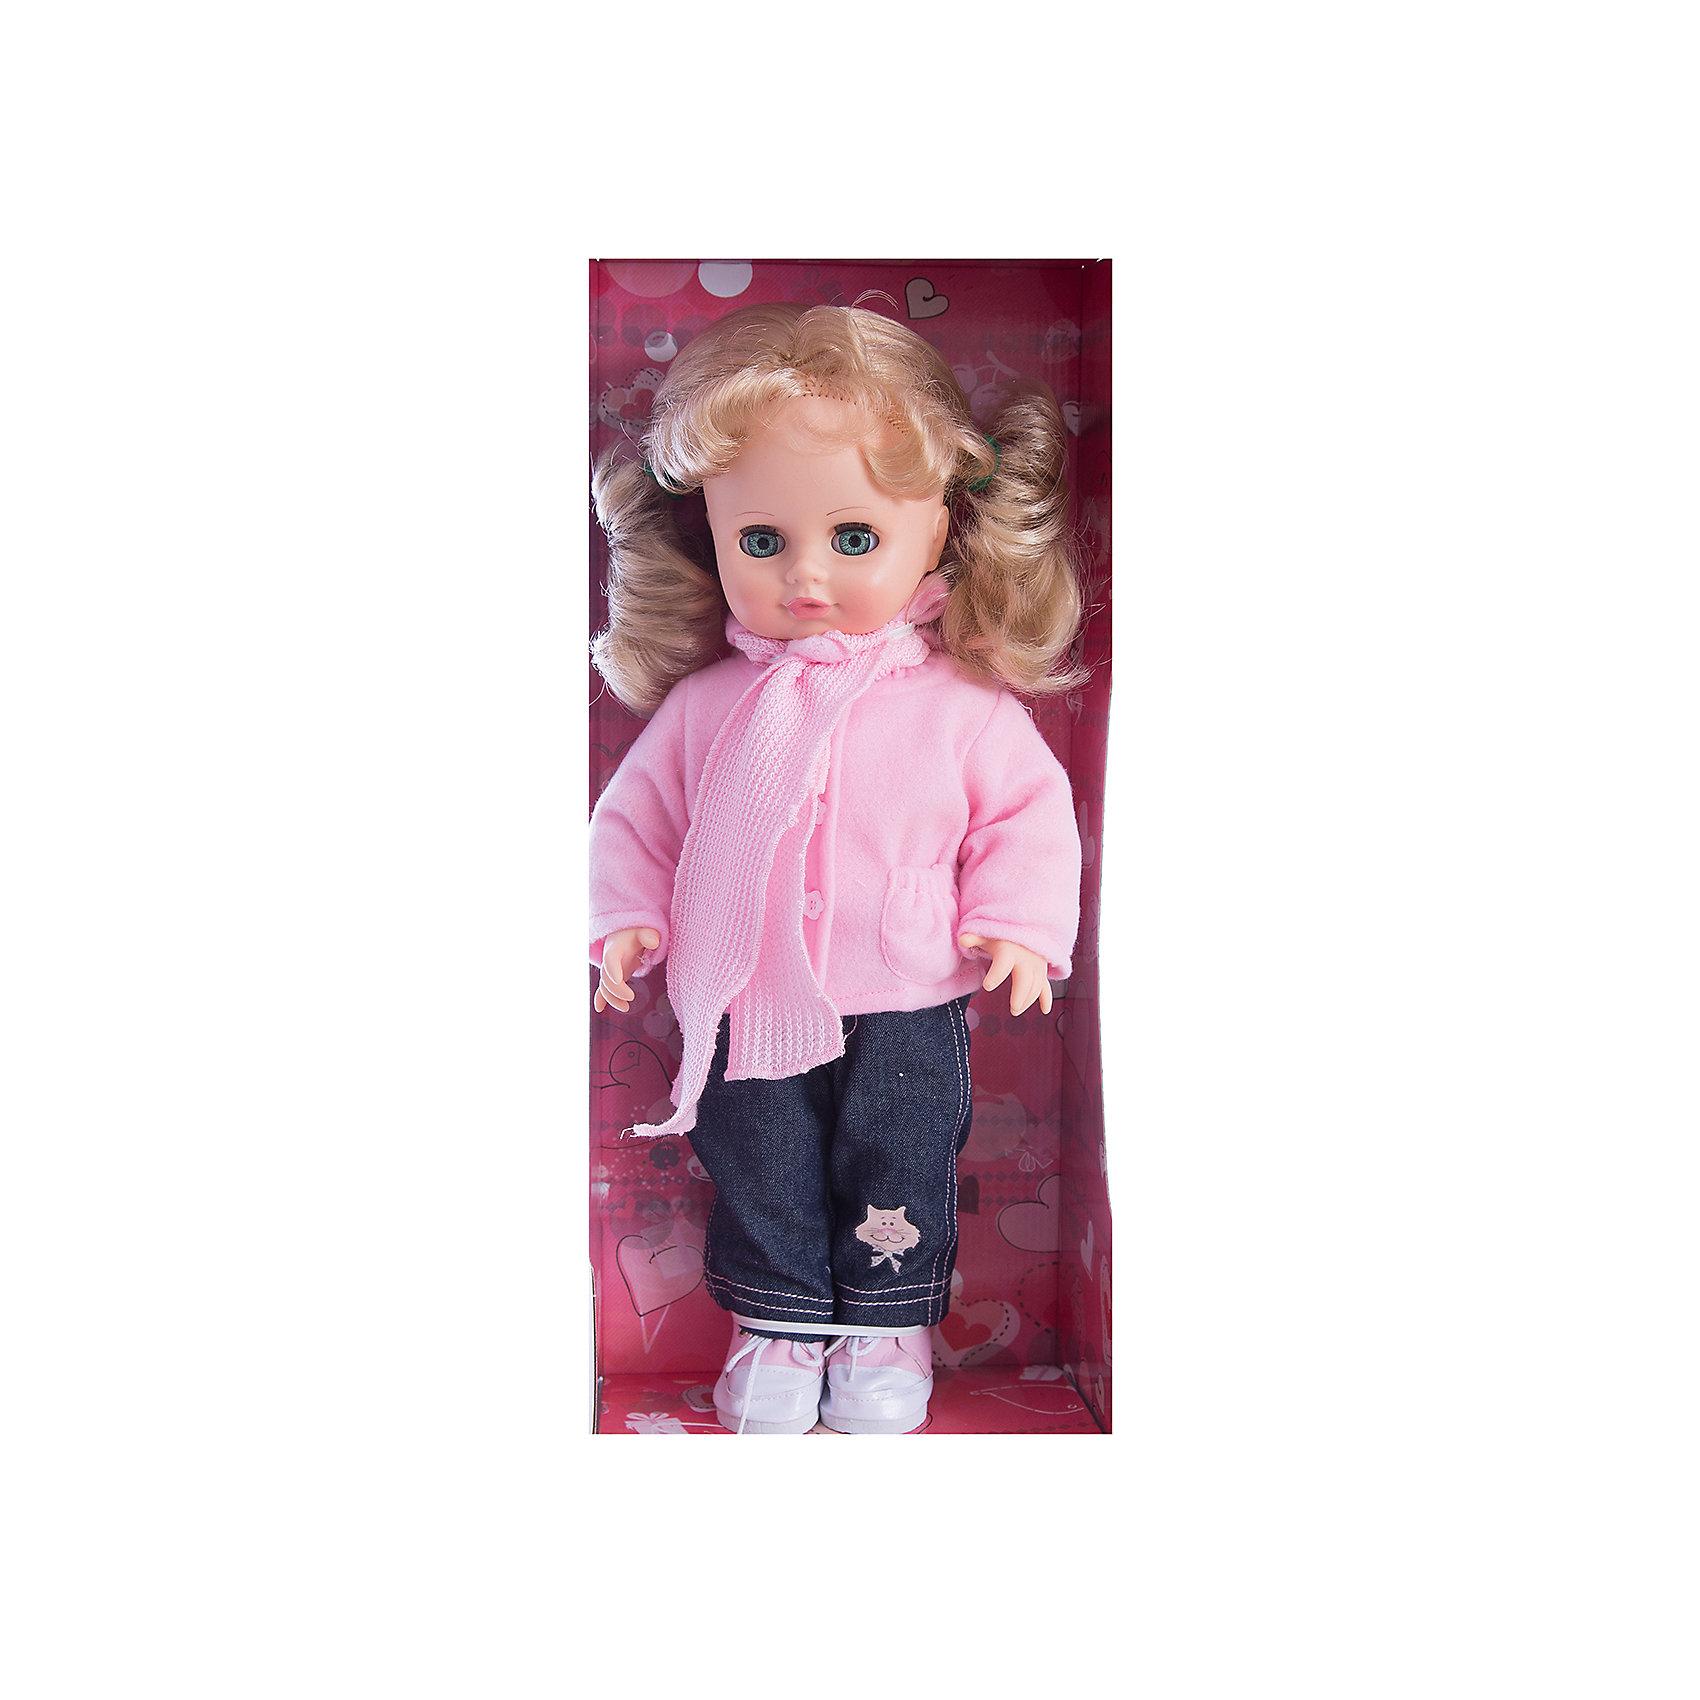 Кукла Инна 38, со звуком, ВеснаИнтерактивные куклы<br>Модно одетая красивая кукла от отечественного производителя способна не просто помочь ребенку весело проводить время, но и научить девочку одеваться со вкусом. На ней - модный костюм, всё можно снимать и надевать.<br>Кукла произносит несколько фраз, механизм работает от батареек. Очень красиво смотрятся пышные волосы, на которых можно делать прически. Сделана игрушка из качественных и безопасных для ребенка материалов. Такая кукла поможет ребенку освоить механизмы социальных взаимодействий, развить моторику и воображение. Также куклы помогают девочкам научиться заботиться о других.<br><br>Дополнительная информация:<br><br>- материал: пластмасса;<br>- волосы: прошивные;<br>- открывающиеся глаза;<br>- звуковой модуль;<br>- снимающаяся одежда и обувь;<br>- высота: 43 см.<br><br>Комплектация:<br><br>- одежда;<br>- три батарейки СЦ 357.<br><br>Куклу Инна 38, со звуком, от марки Весна можно купить в нашем магазине.<br><br>Ширина мм: 210<br>Глубина мм: 130<br>Высота мм: 430<br>Вес г: 550<br>Возраст от месяцев: 36<br>Возраст до месяцев: 1188<br>Пол: Женский<br>Возраст: Детский<br>SKU: 4701841